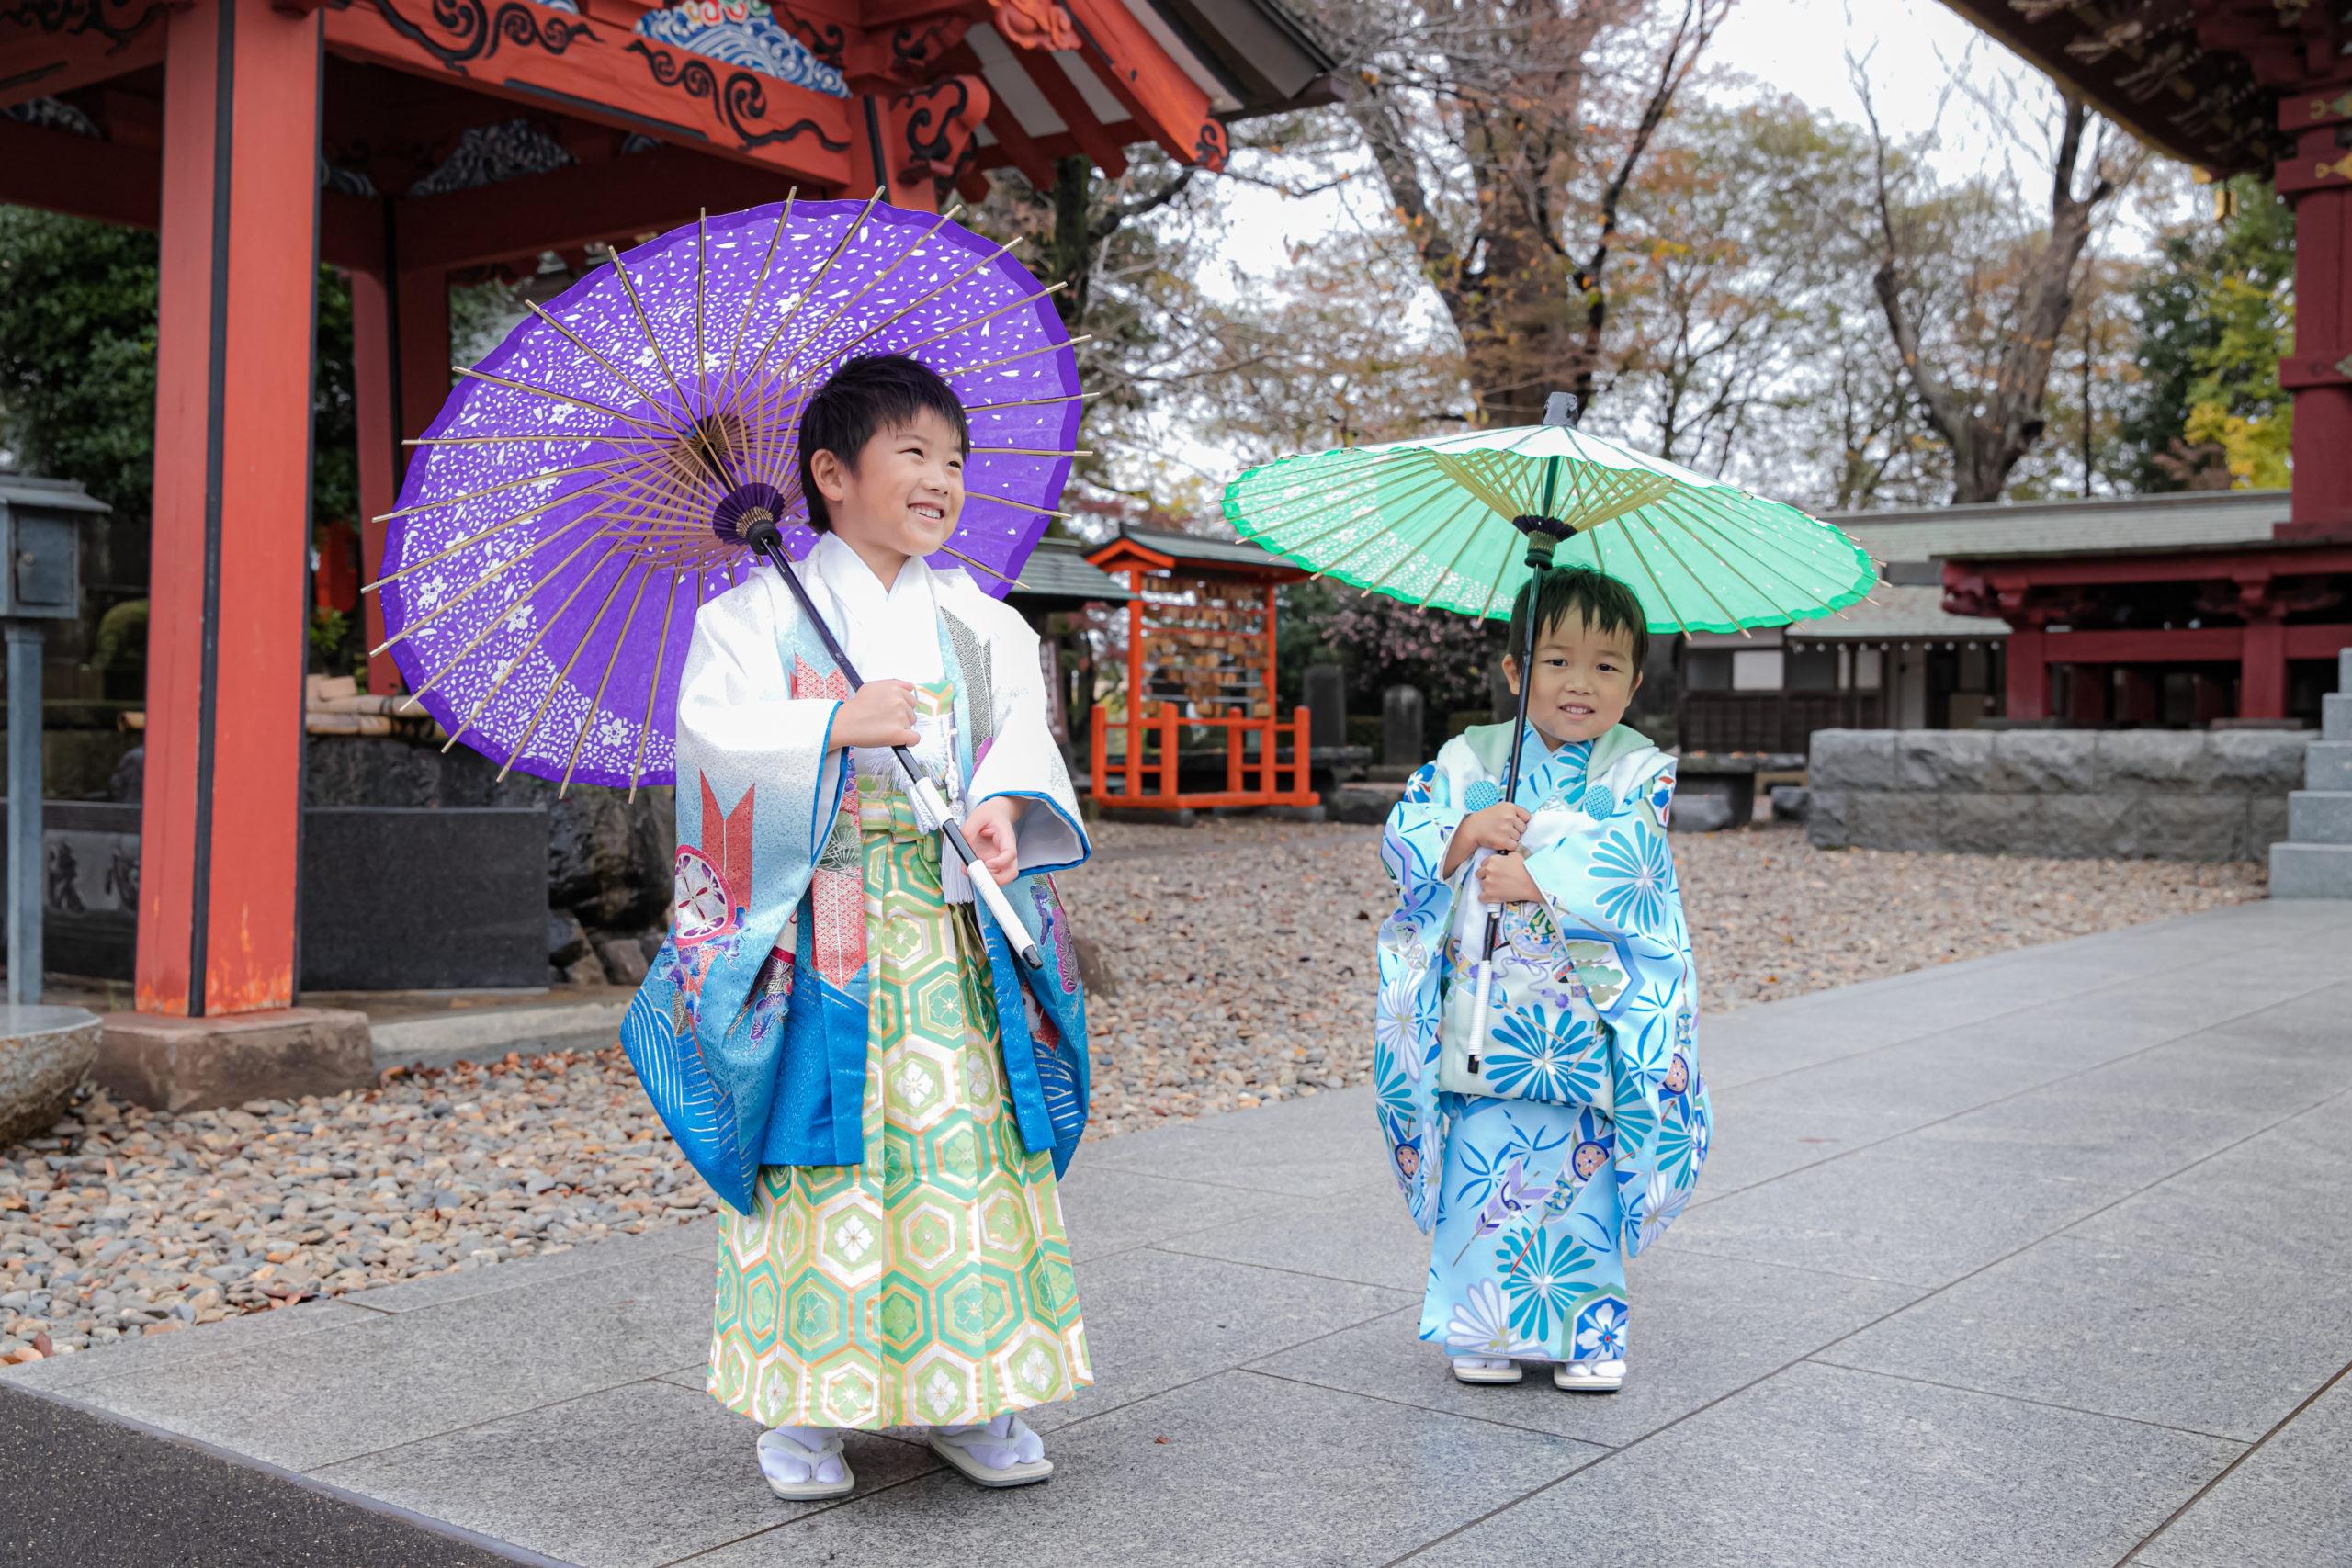 番傘だぁ~。楽しいなっ。(^^)/